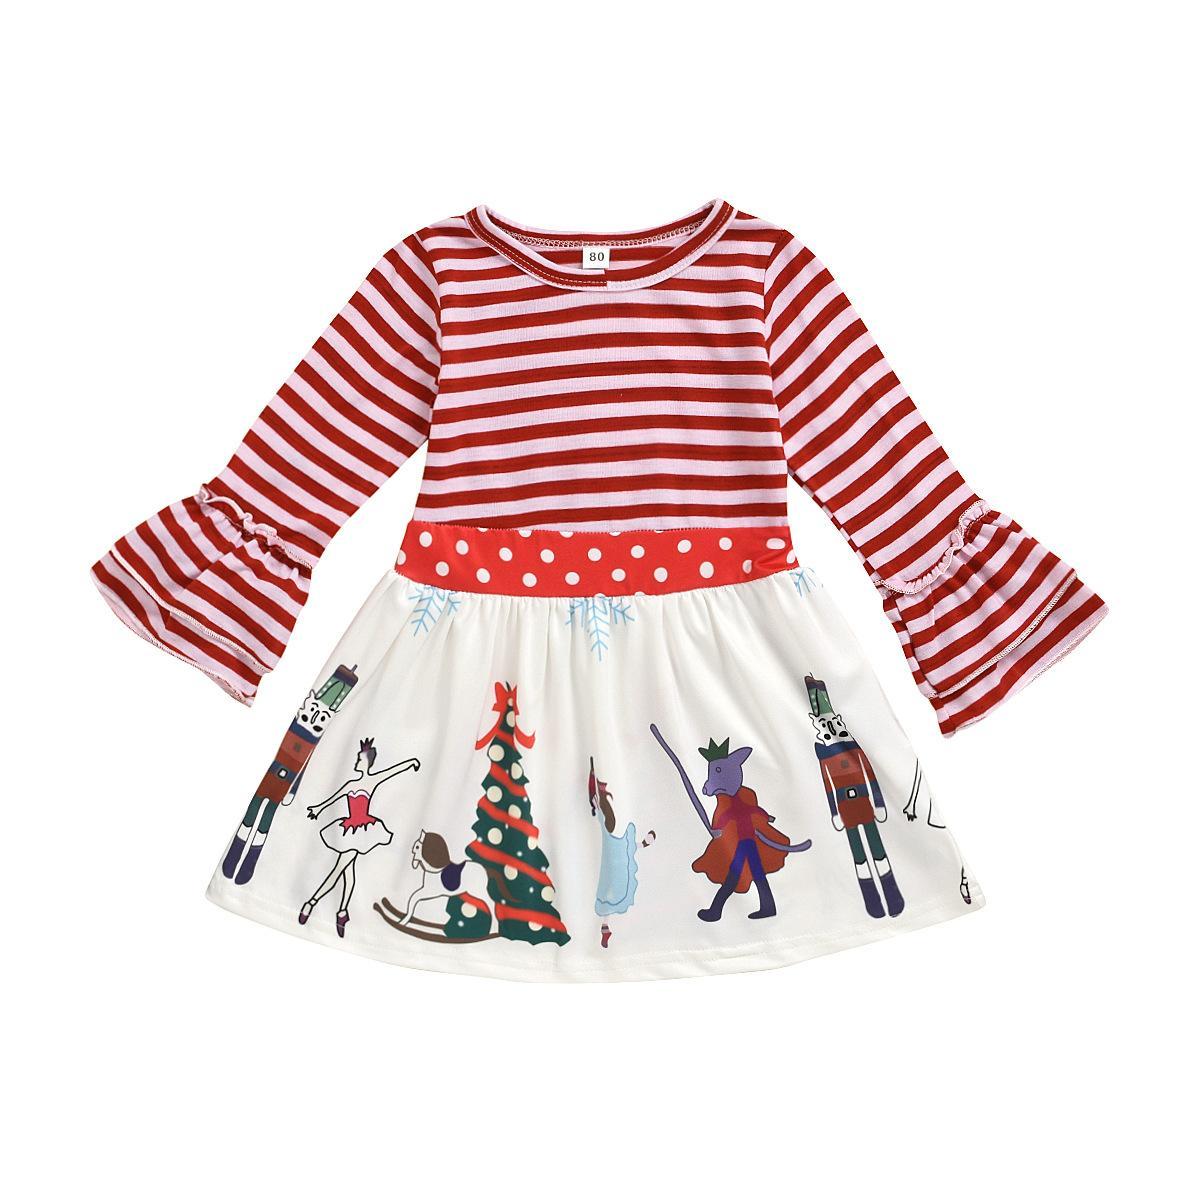 2020 새로운 아기 소녀 가격 드레스 봄 스트라이프 점 플레어 슬리브 파티 드레스 크리스마스 어린이 만화 인쇄 드레스 C6076